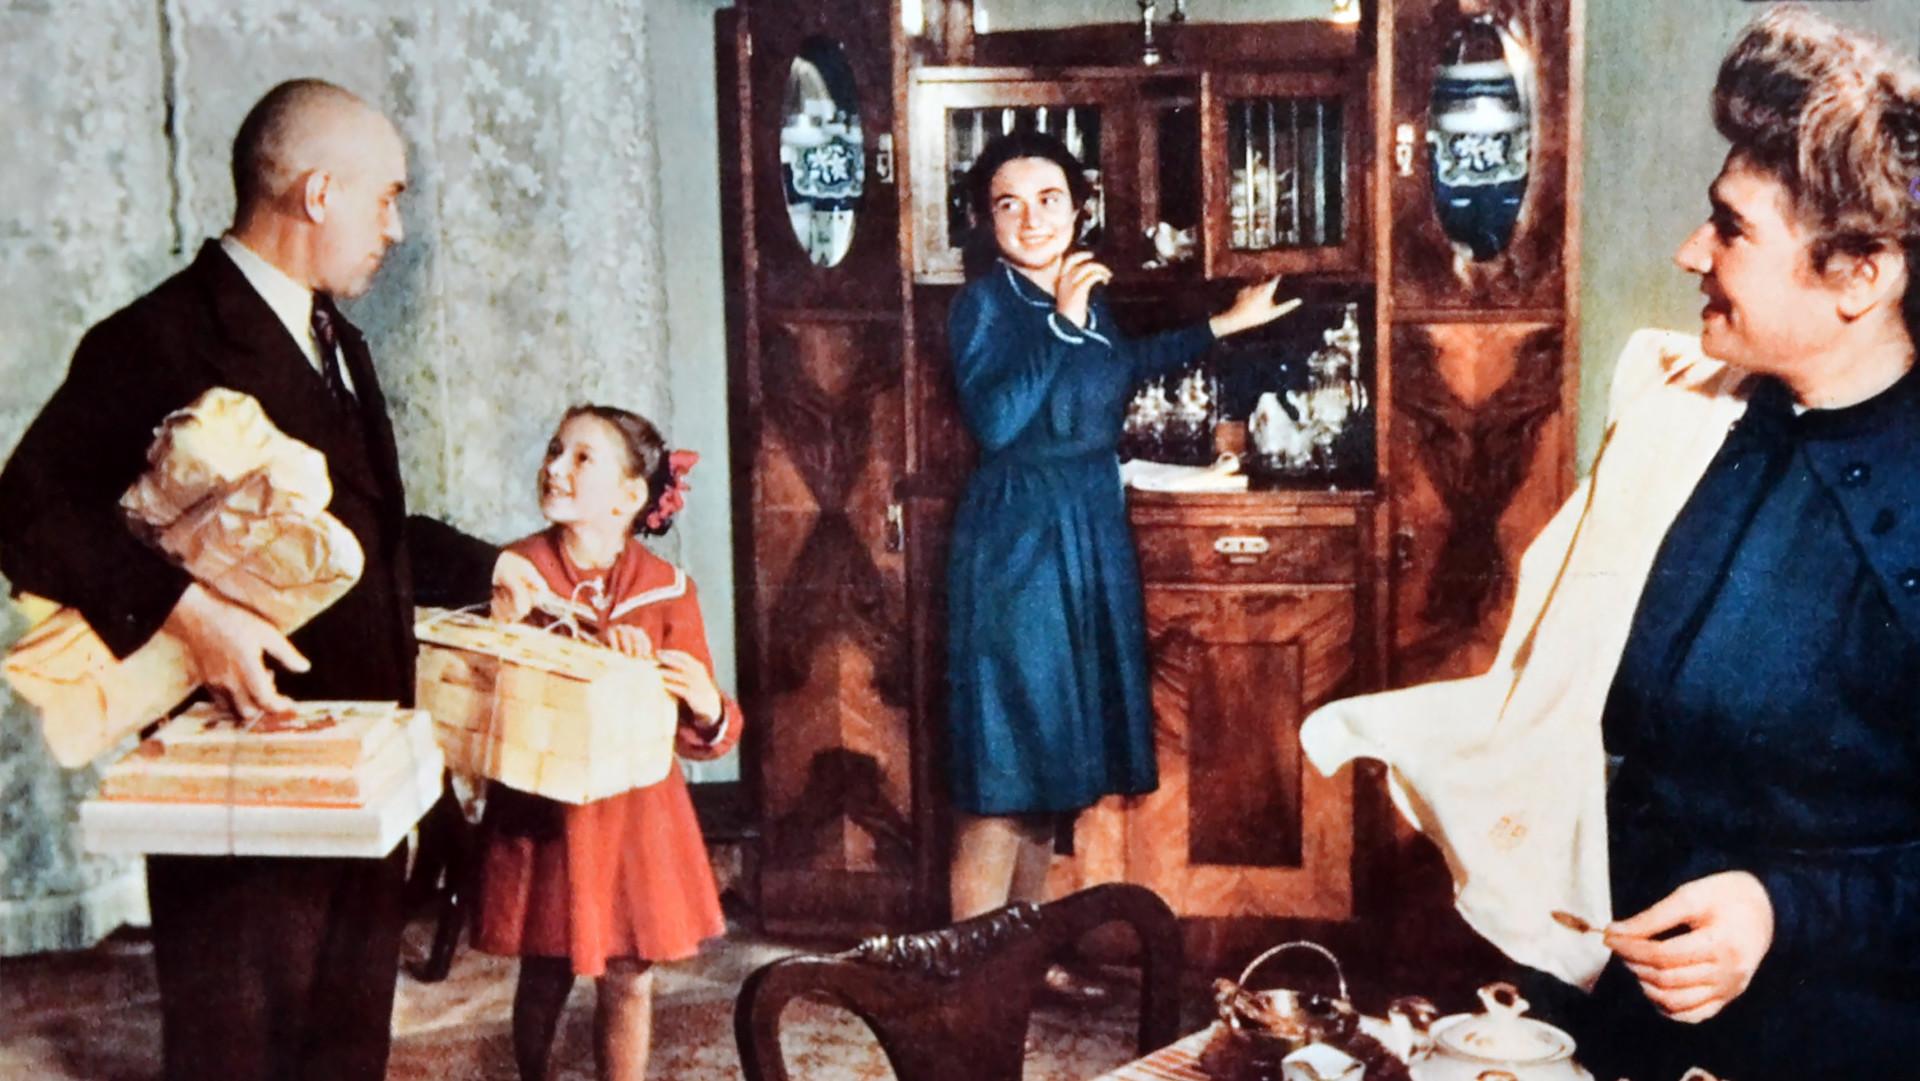 Famílias soviéticas em um apartamento de alta classe nos anos 1950.